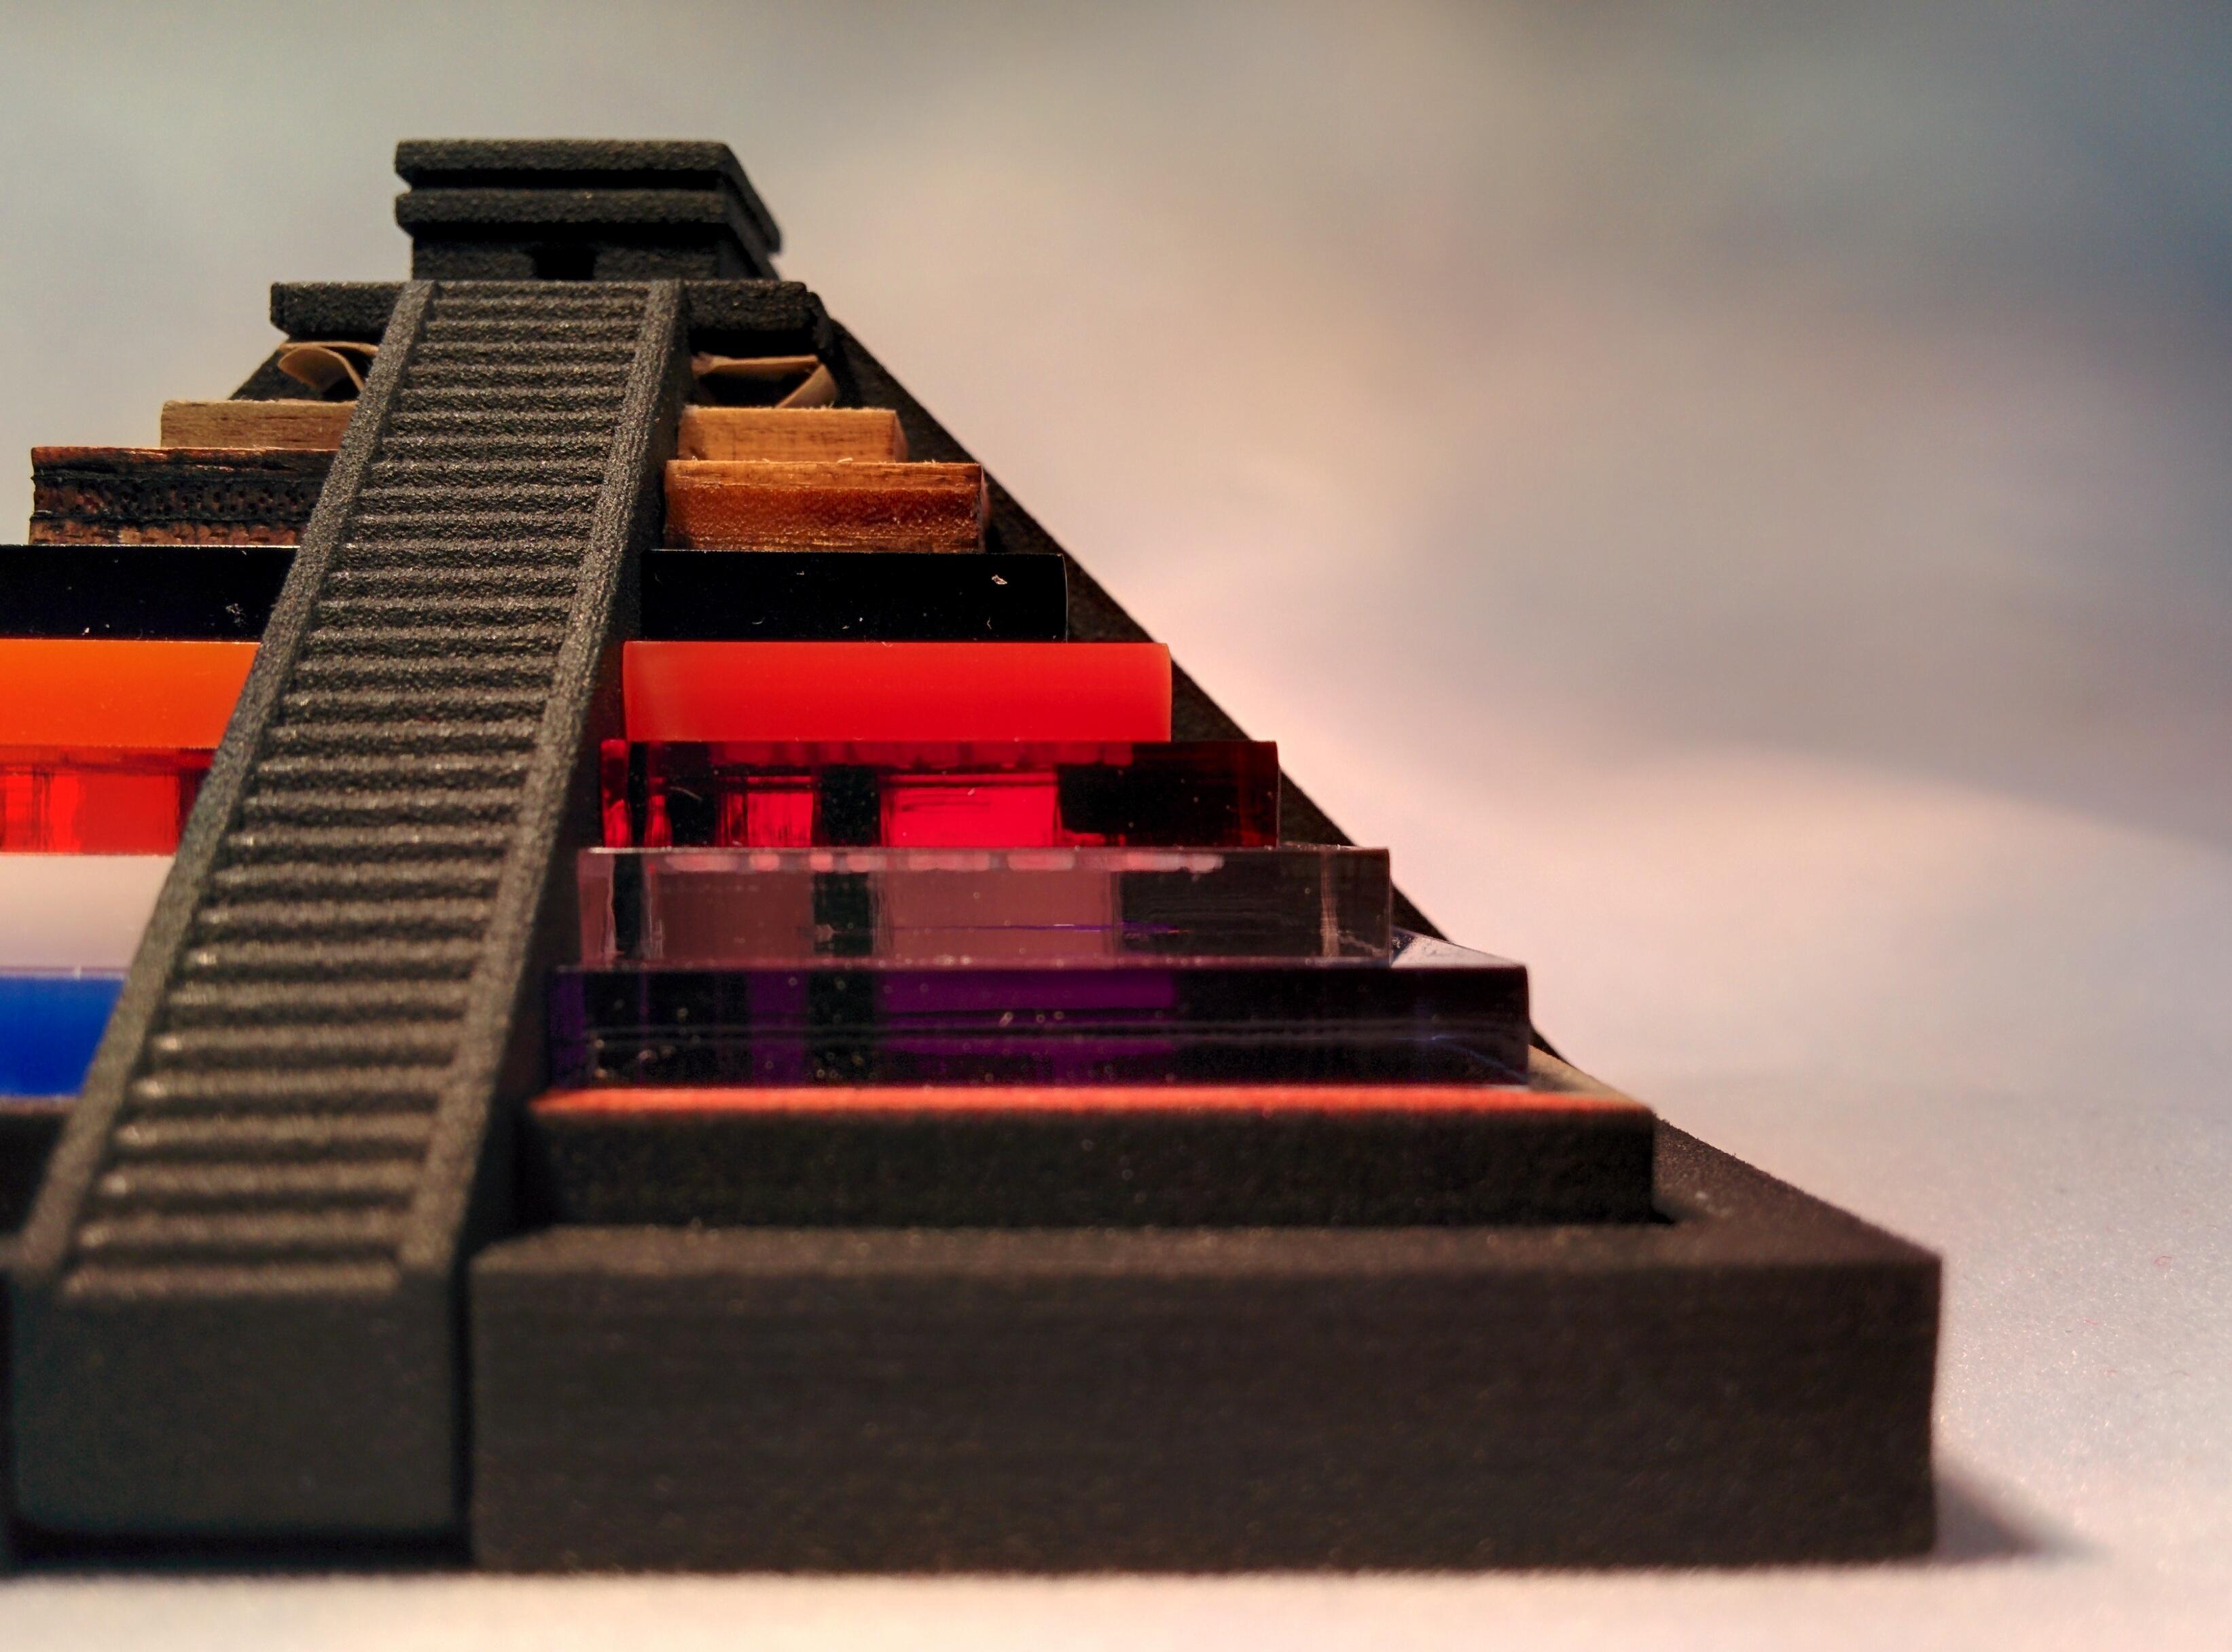 Gagnez une magnifique Pyramide découpée au laser